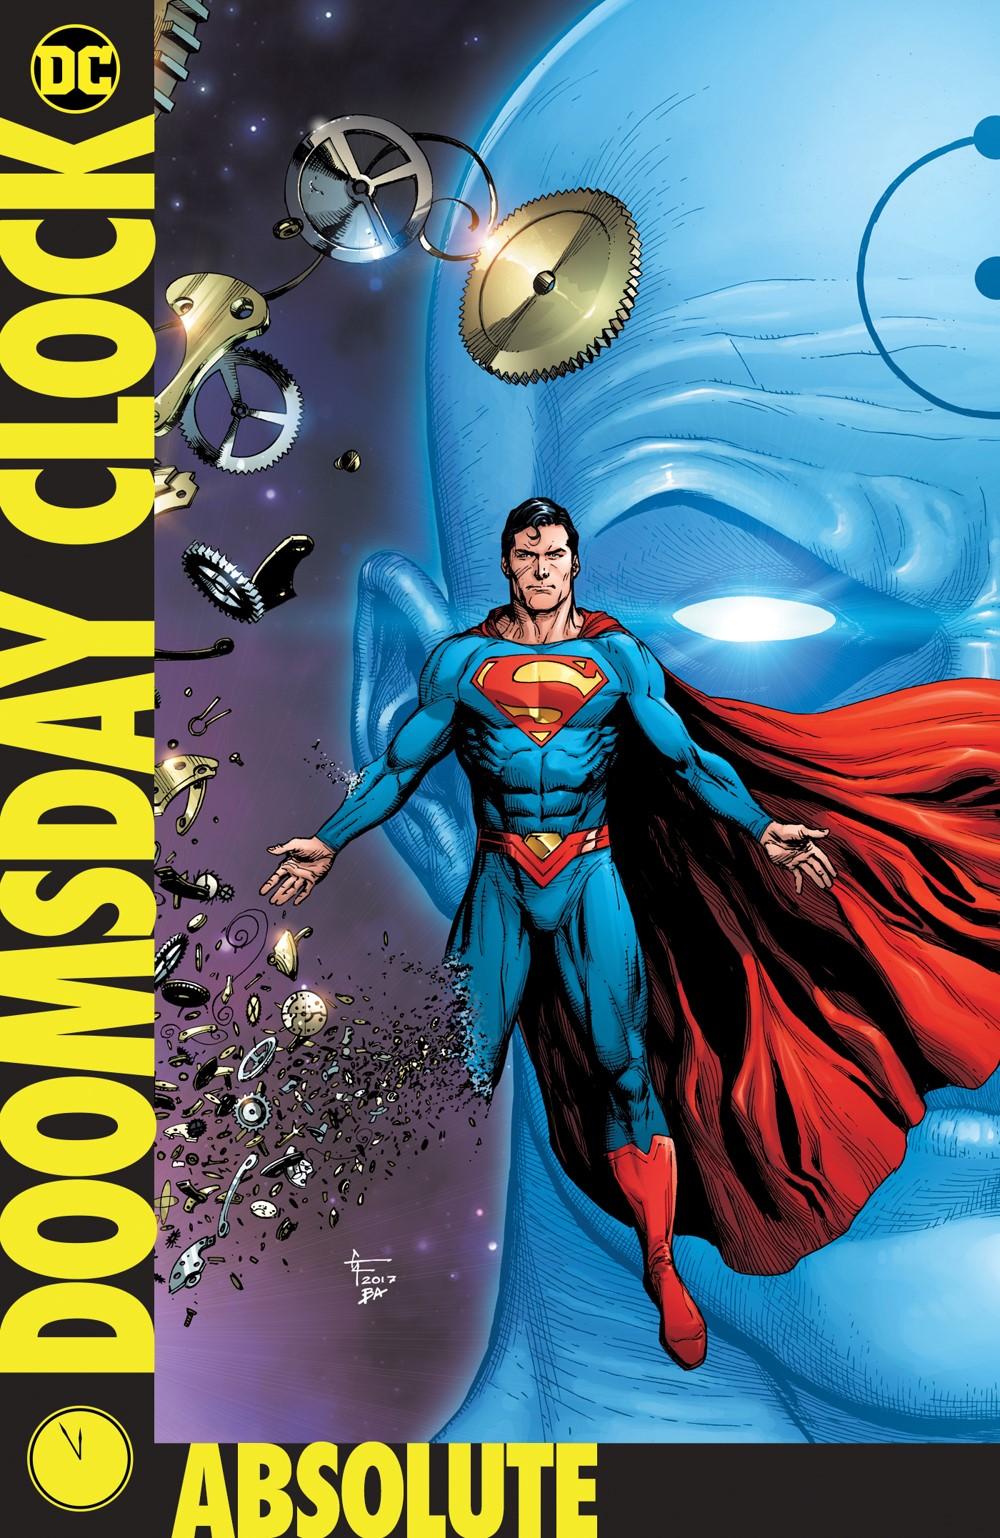 Absolute-DoomsdayClock DC Comics December 2021 Solicitations